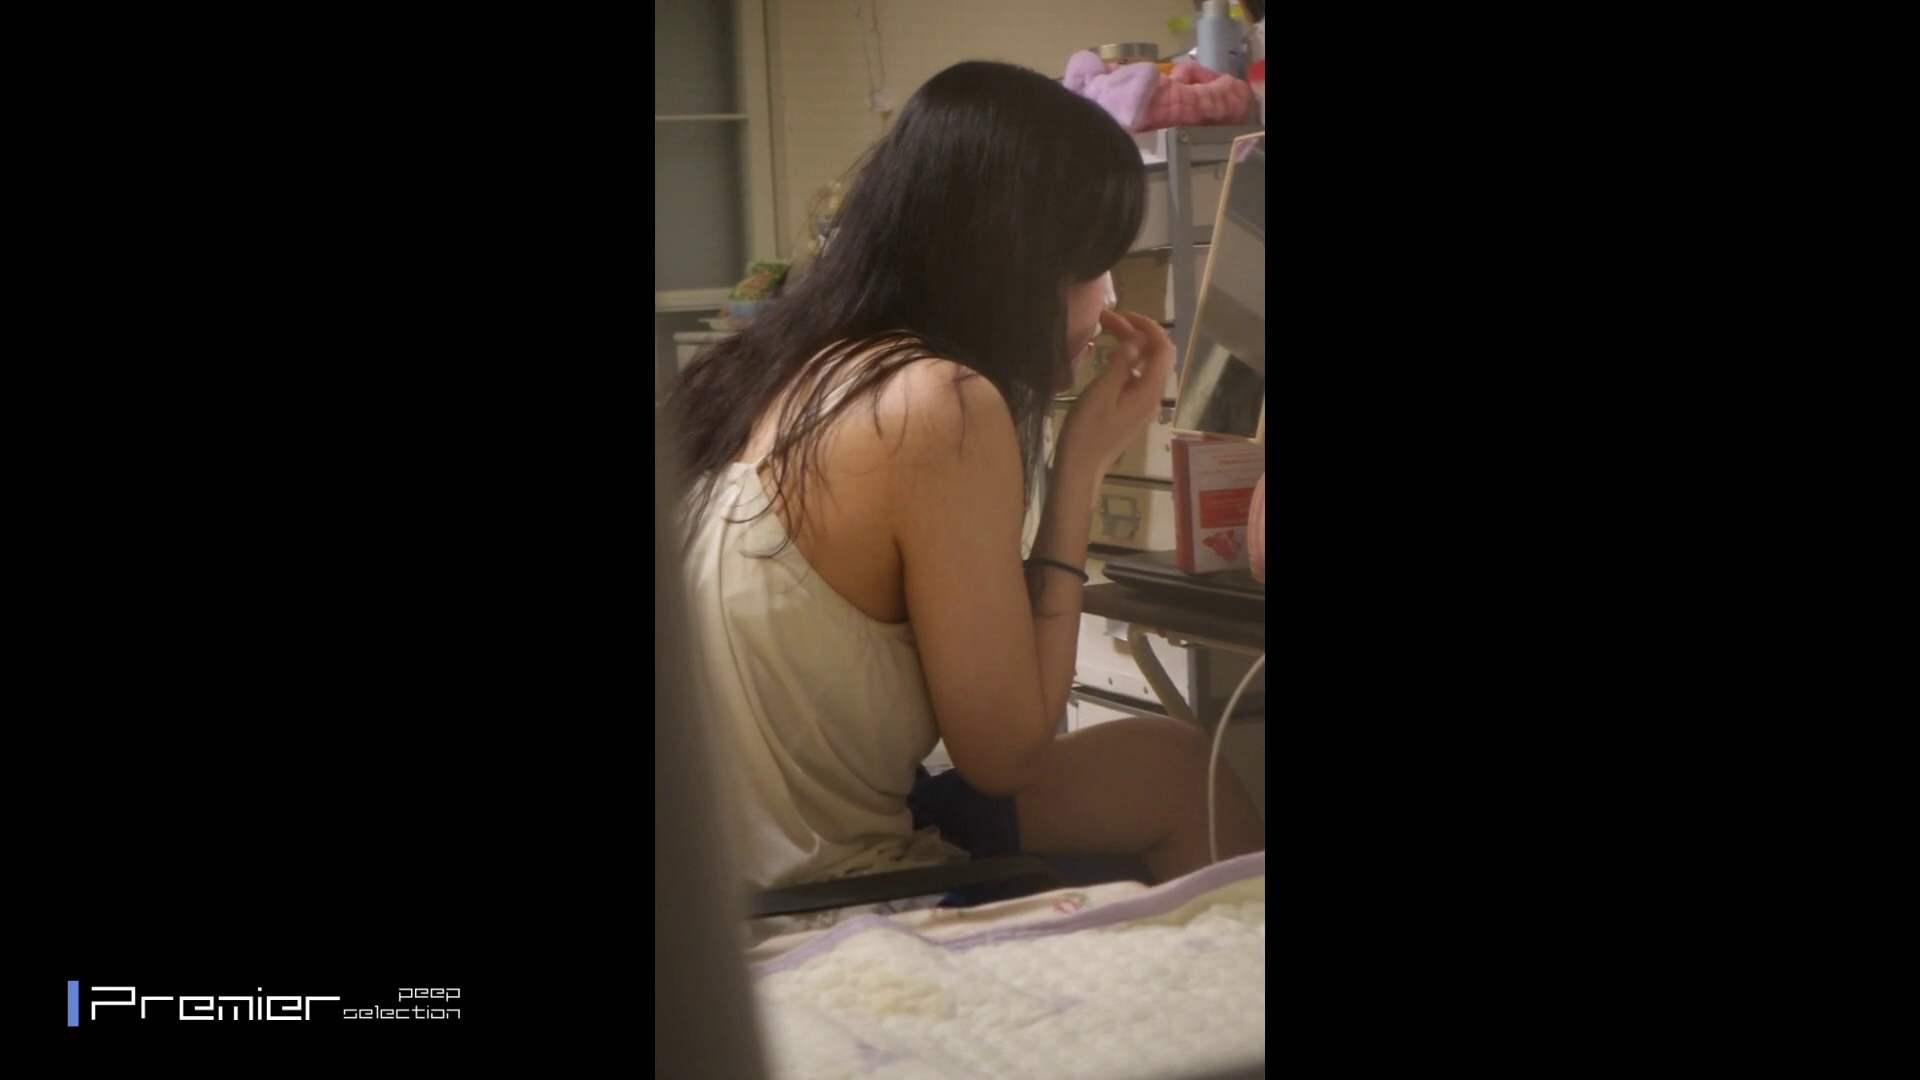 美女たちの日常を観察 美女達の私生活に潜入! 桃色乳首   日焼けした肌  109画像 31